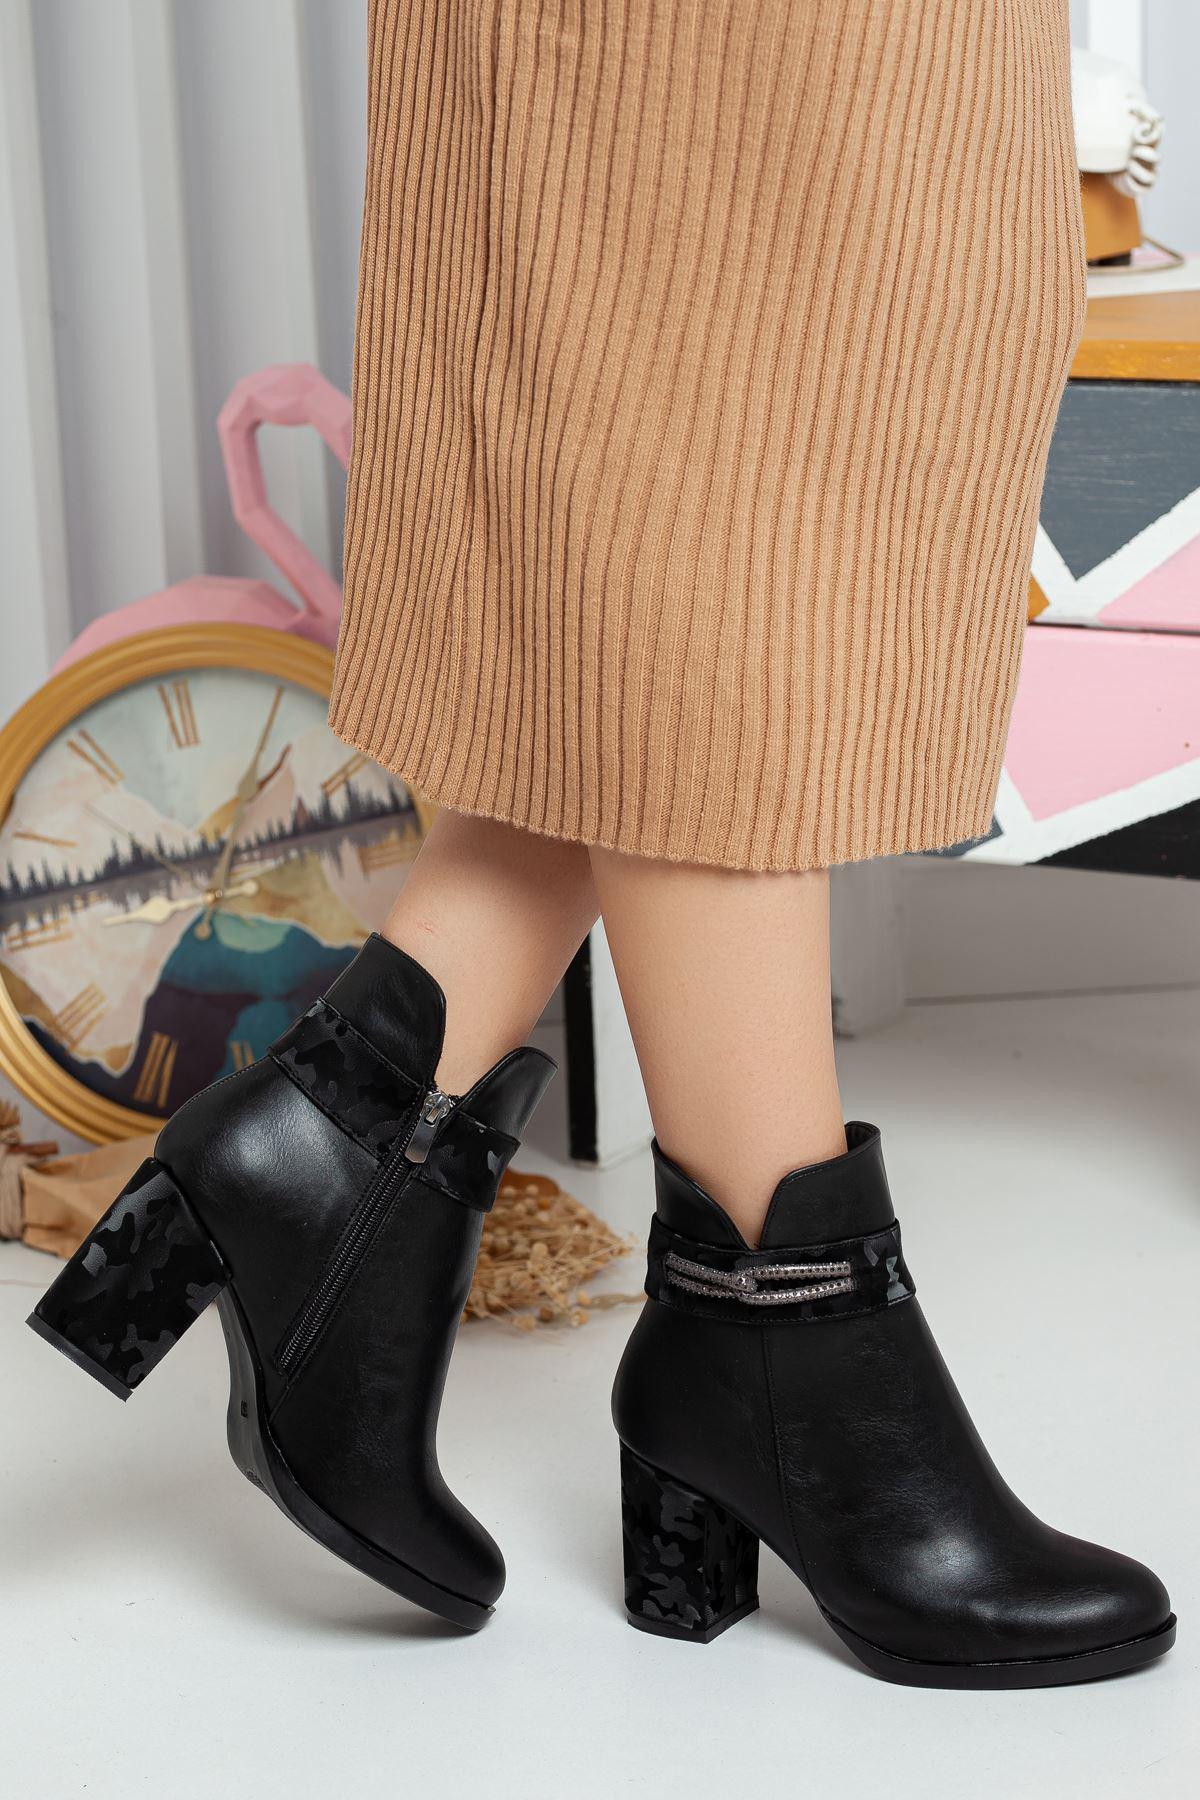 Warsel Kadın Topuklu Bot SİYAH CİLT